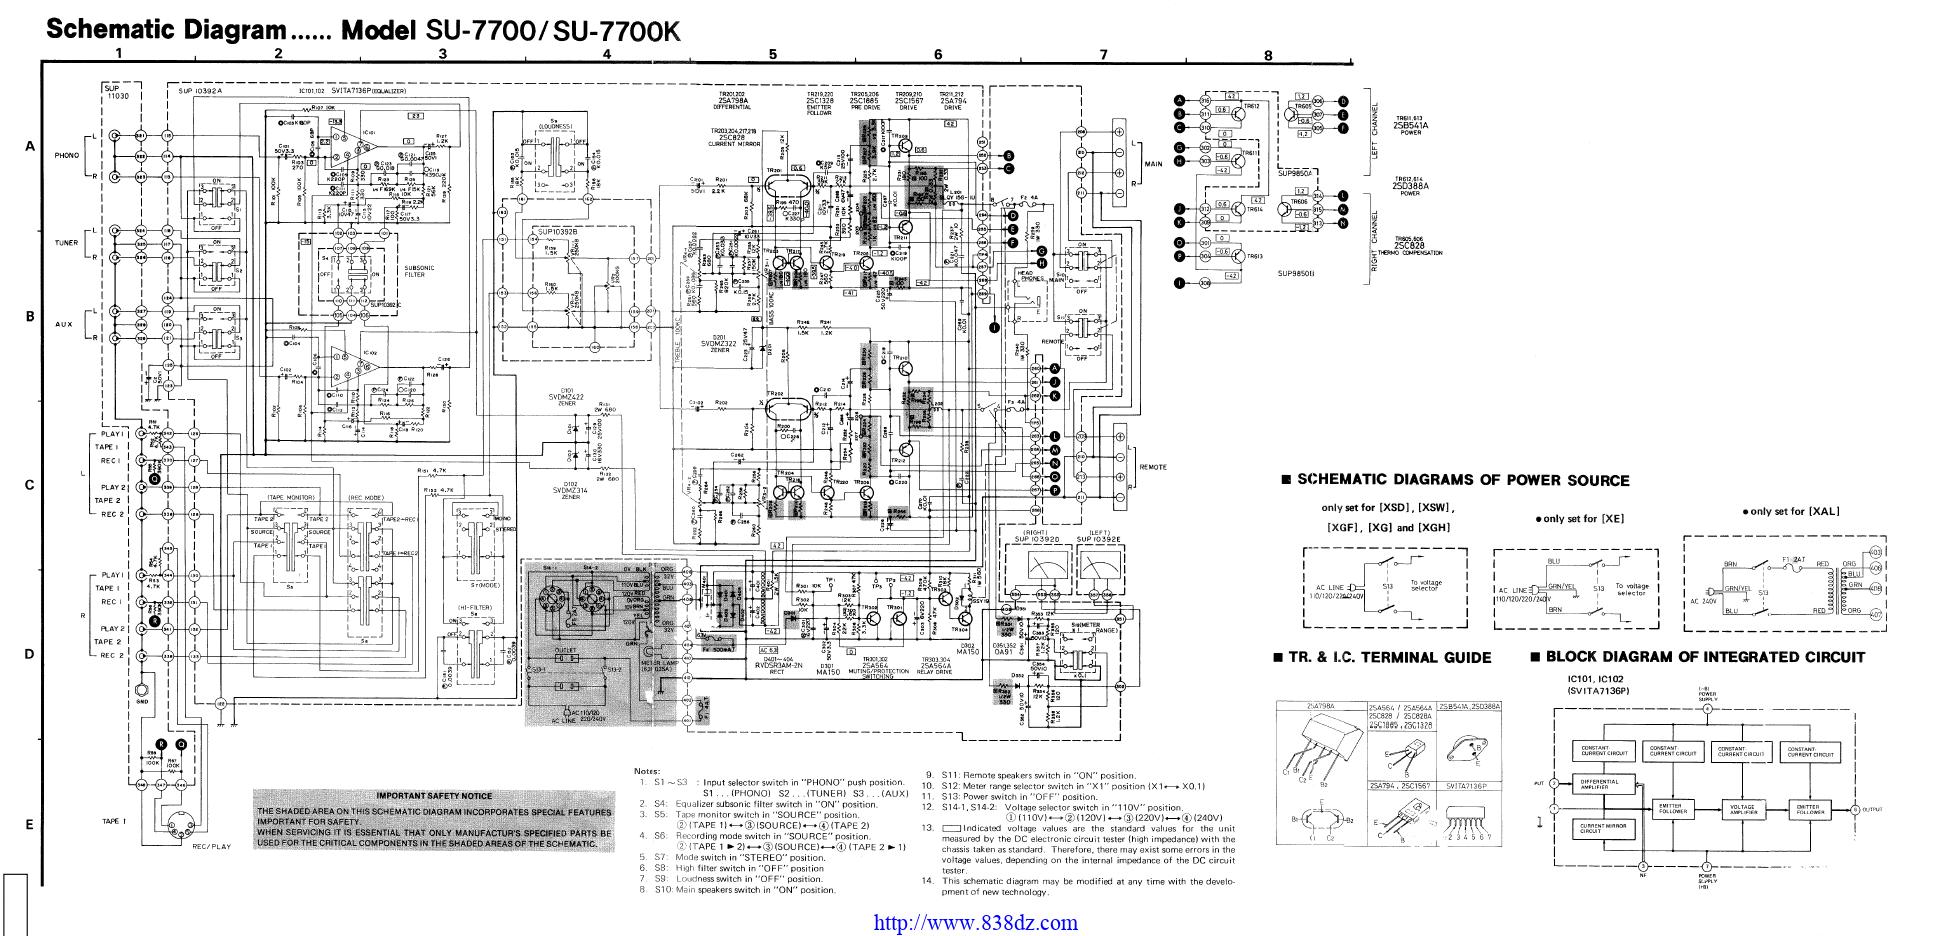 Technics松下 SU-7700功放维修电路图纸